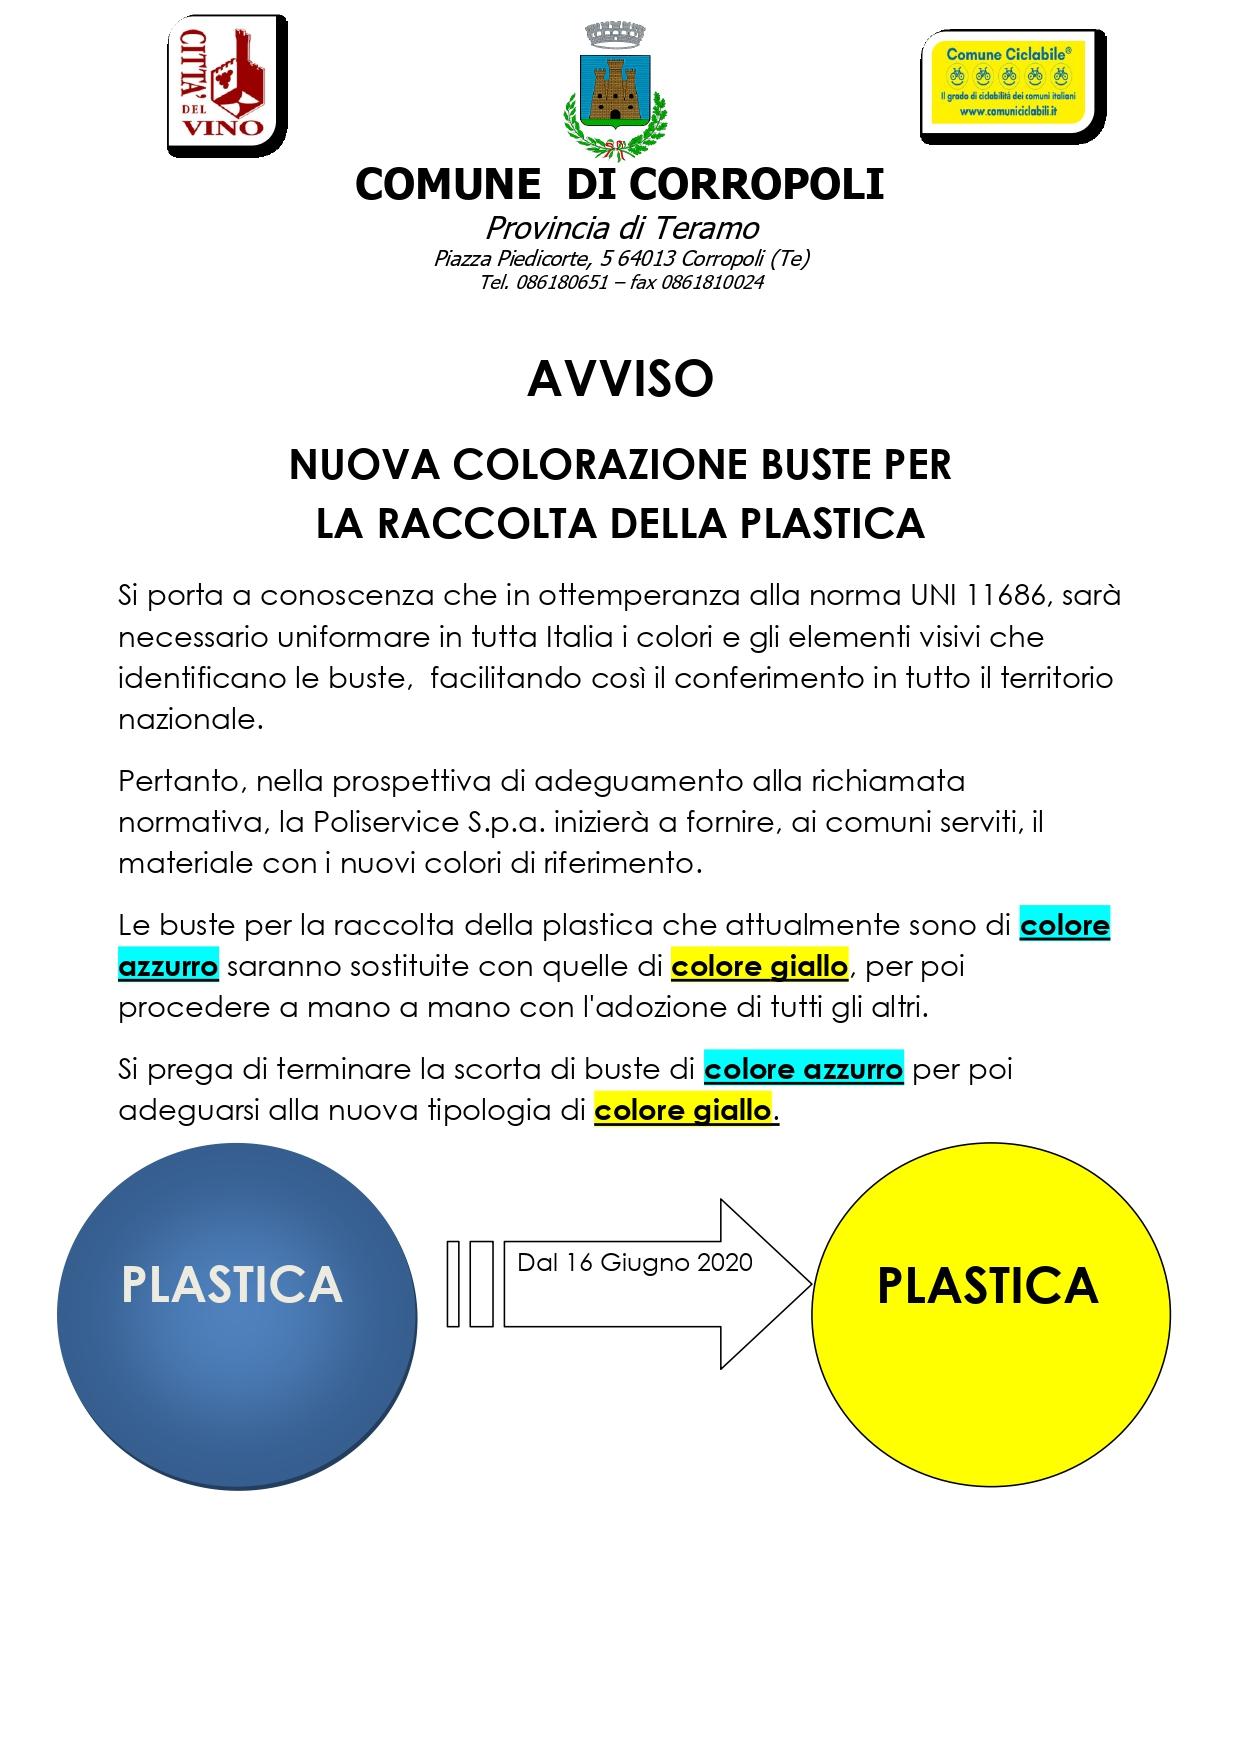 NUOVA COLORAZIONE BUSTE PER LA RACCOLTA DELLA PLASTICA